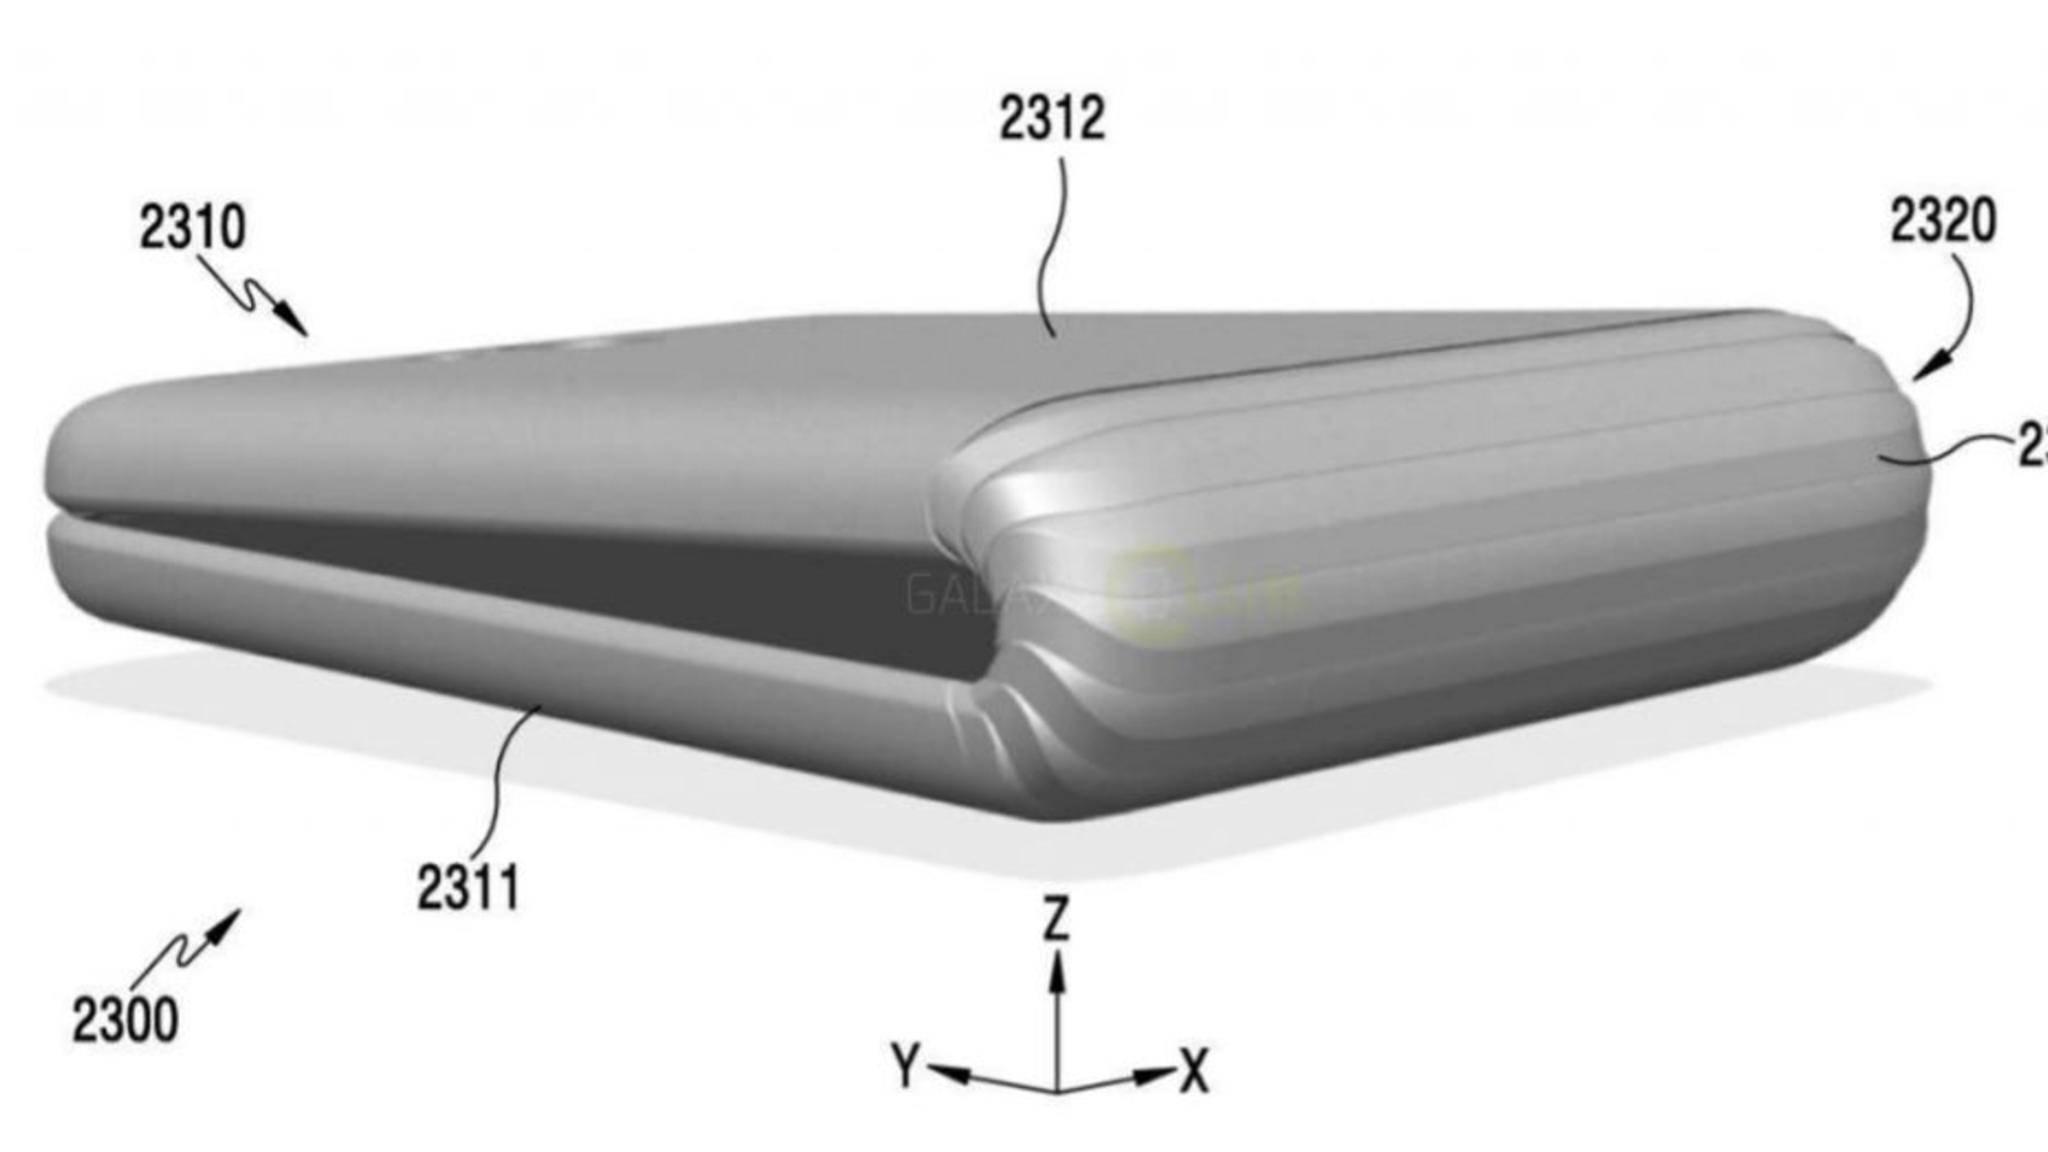 Patentzeichnungen zeigen, wie ein faltbares Samsung-Smartphone aussehen könnte.